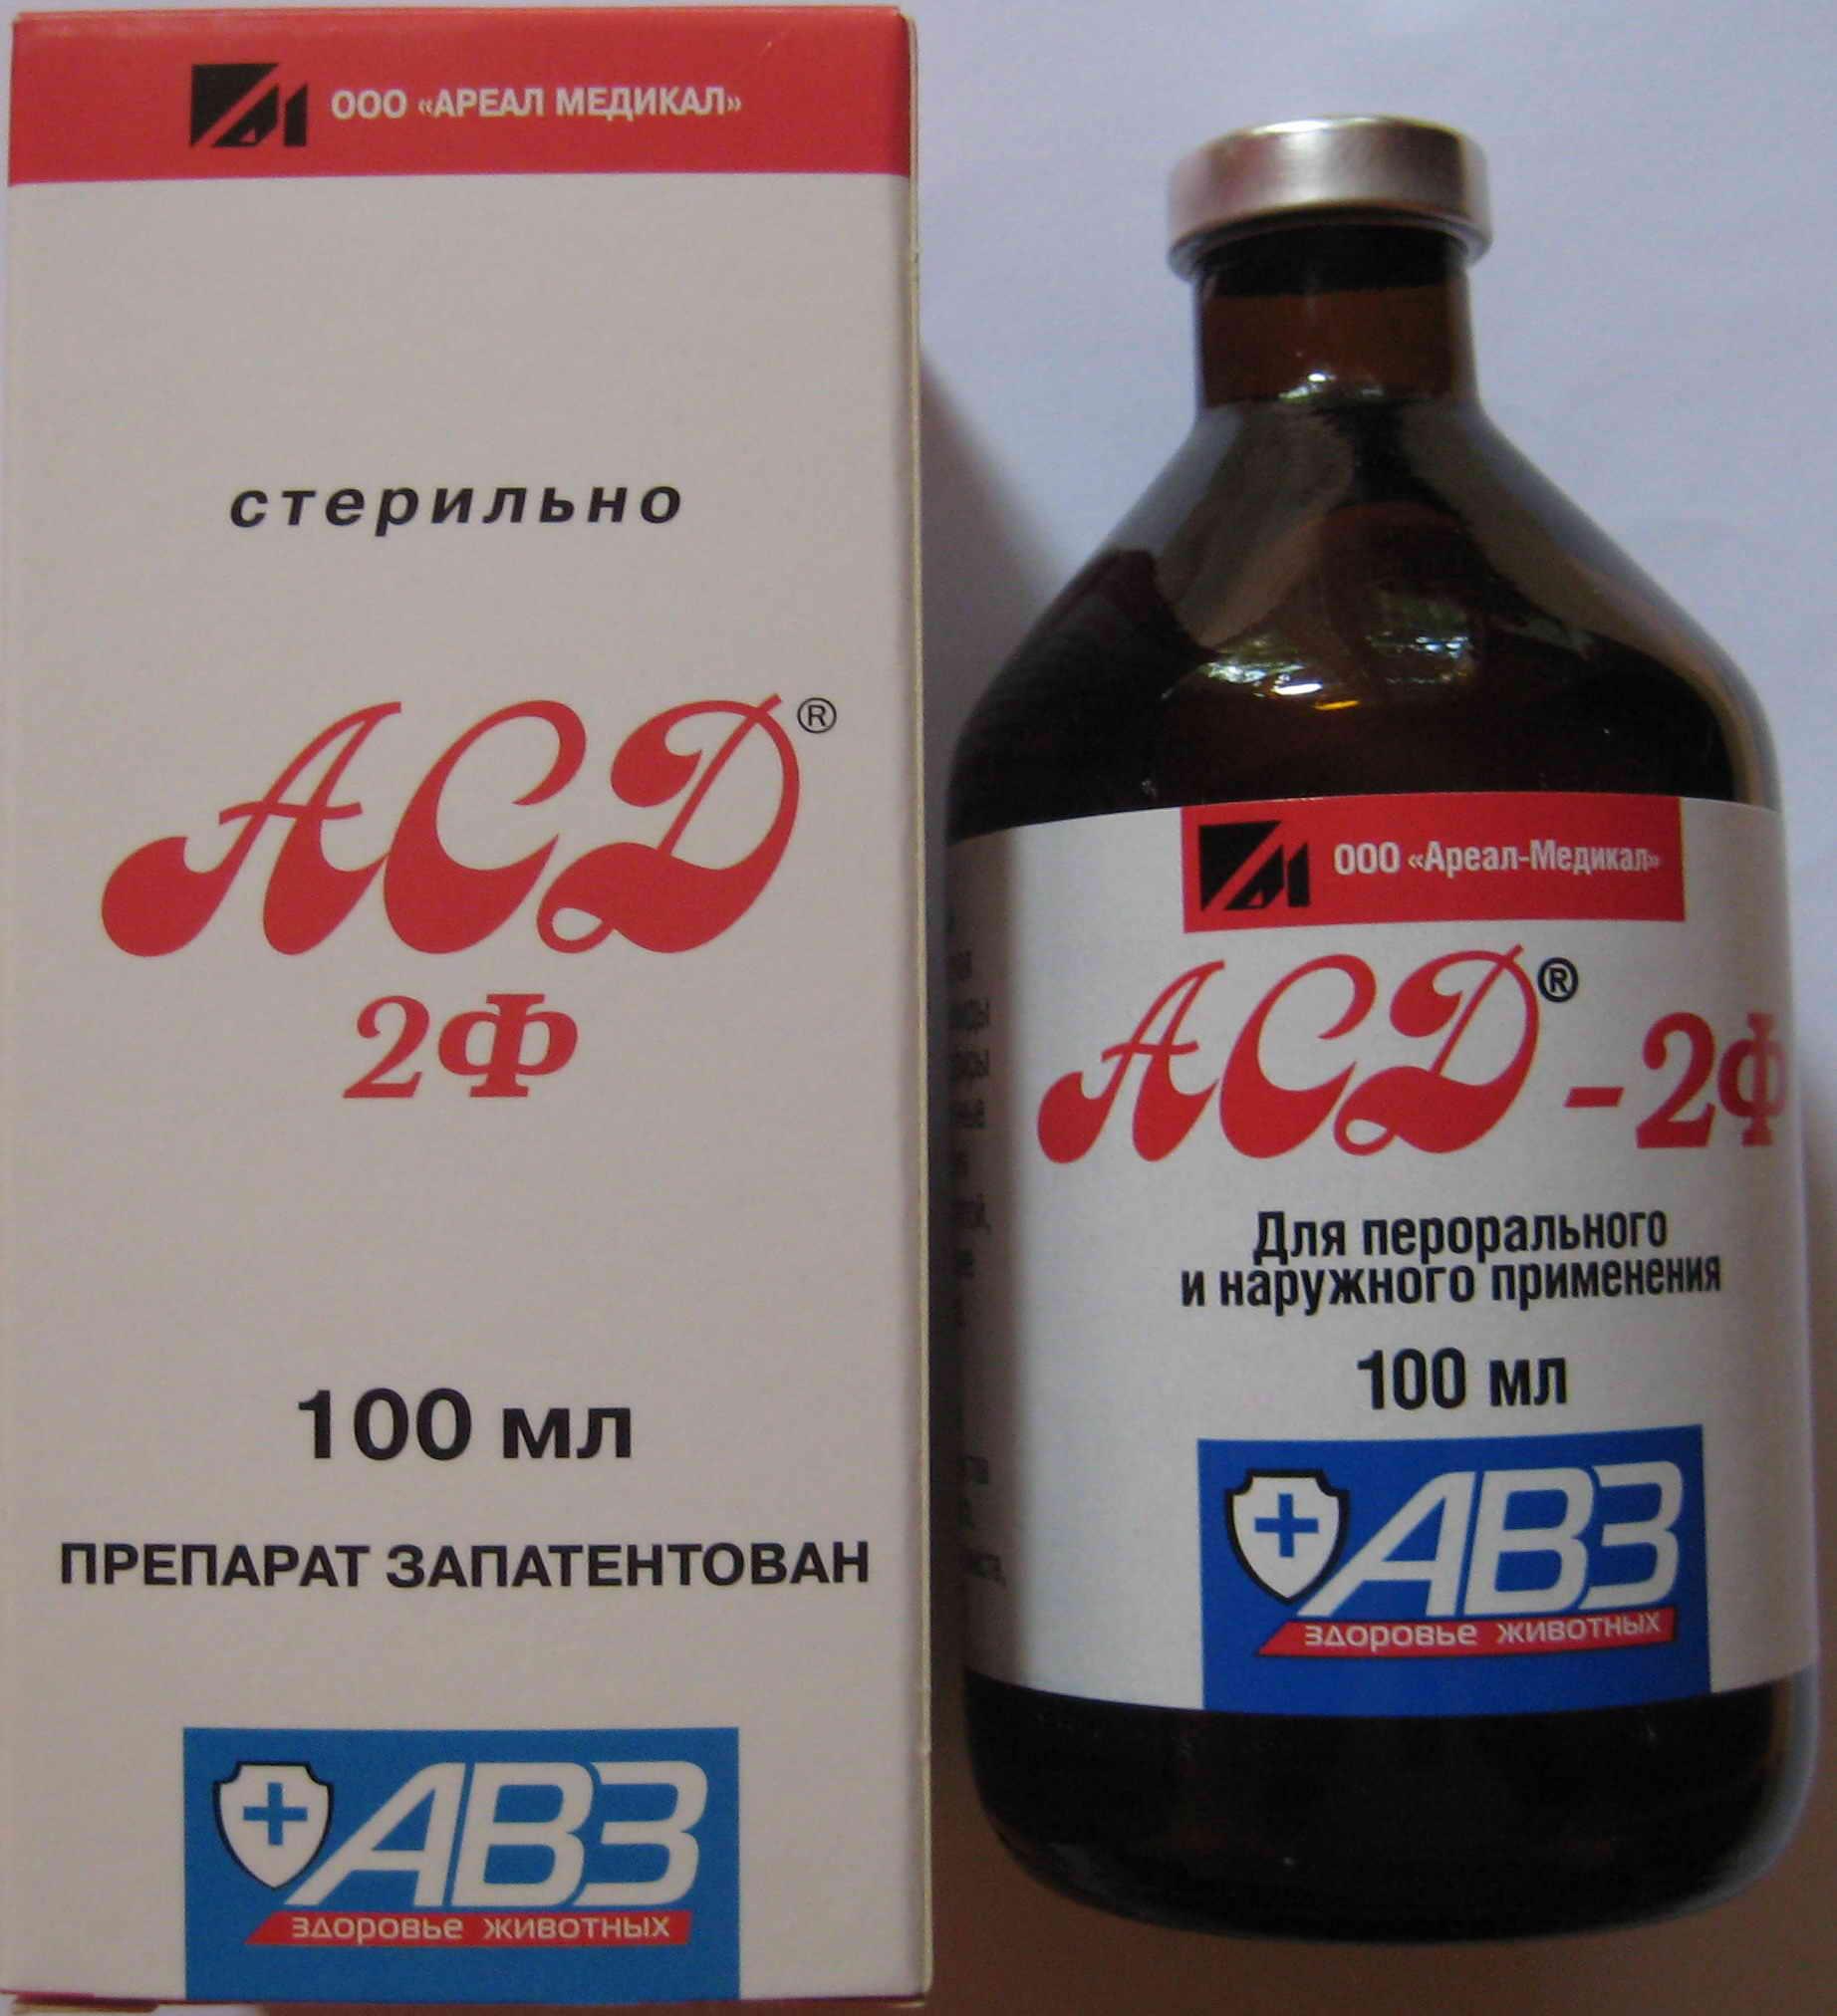 Лечение кондилом в домашних условиях: марганцовка, сода, чеснок